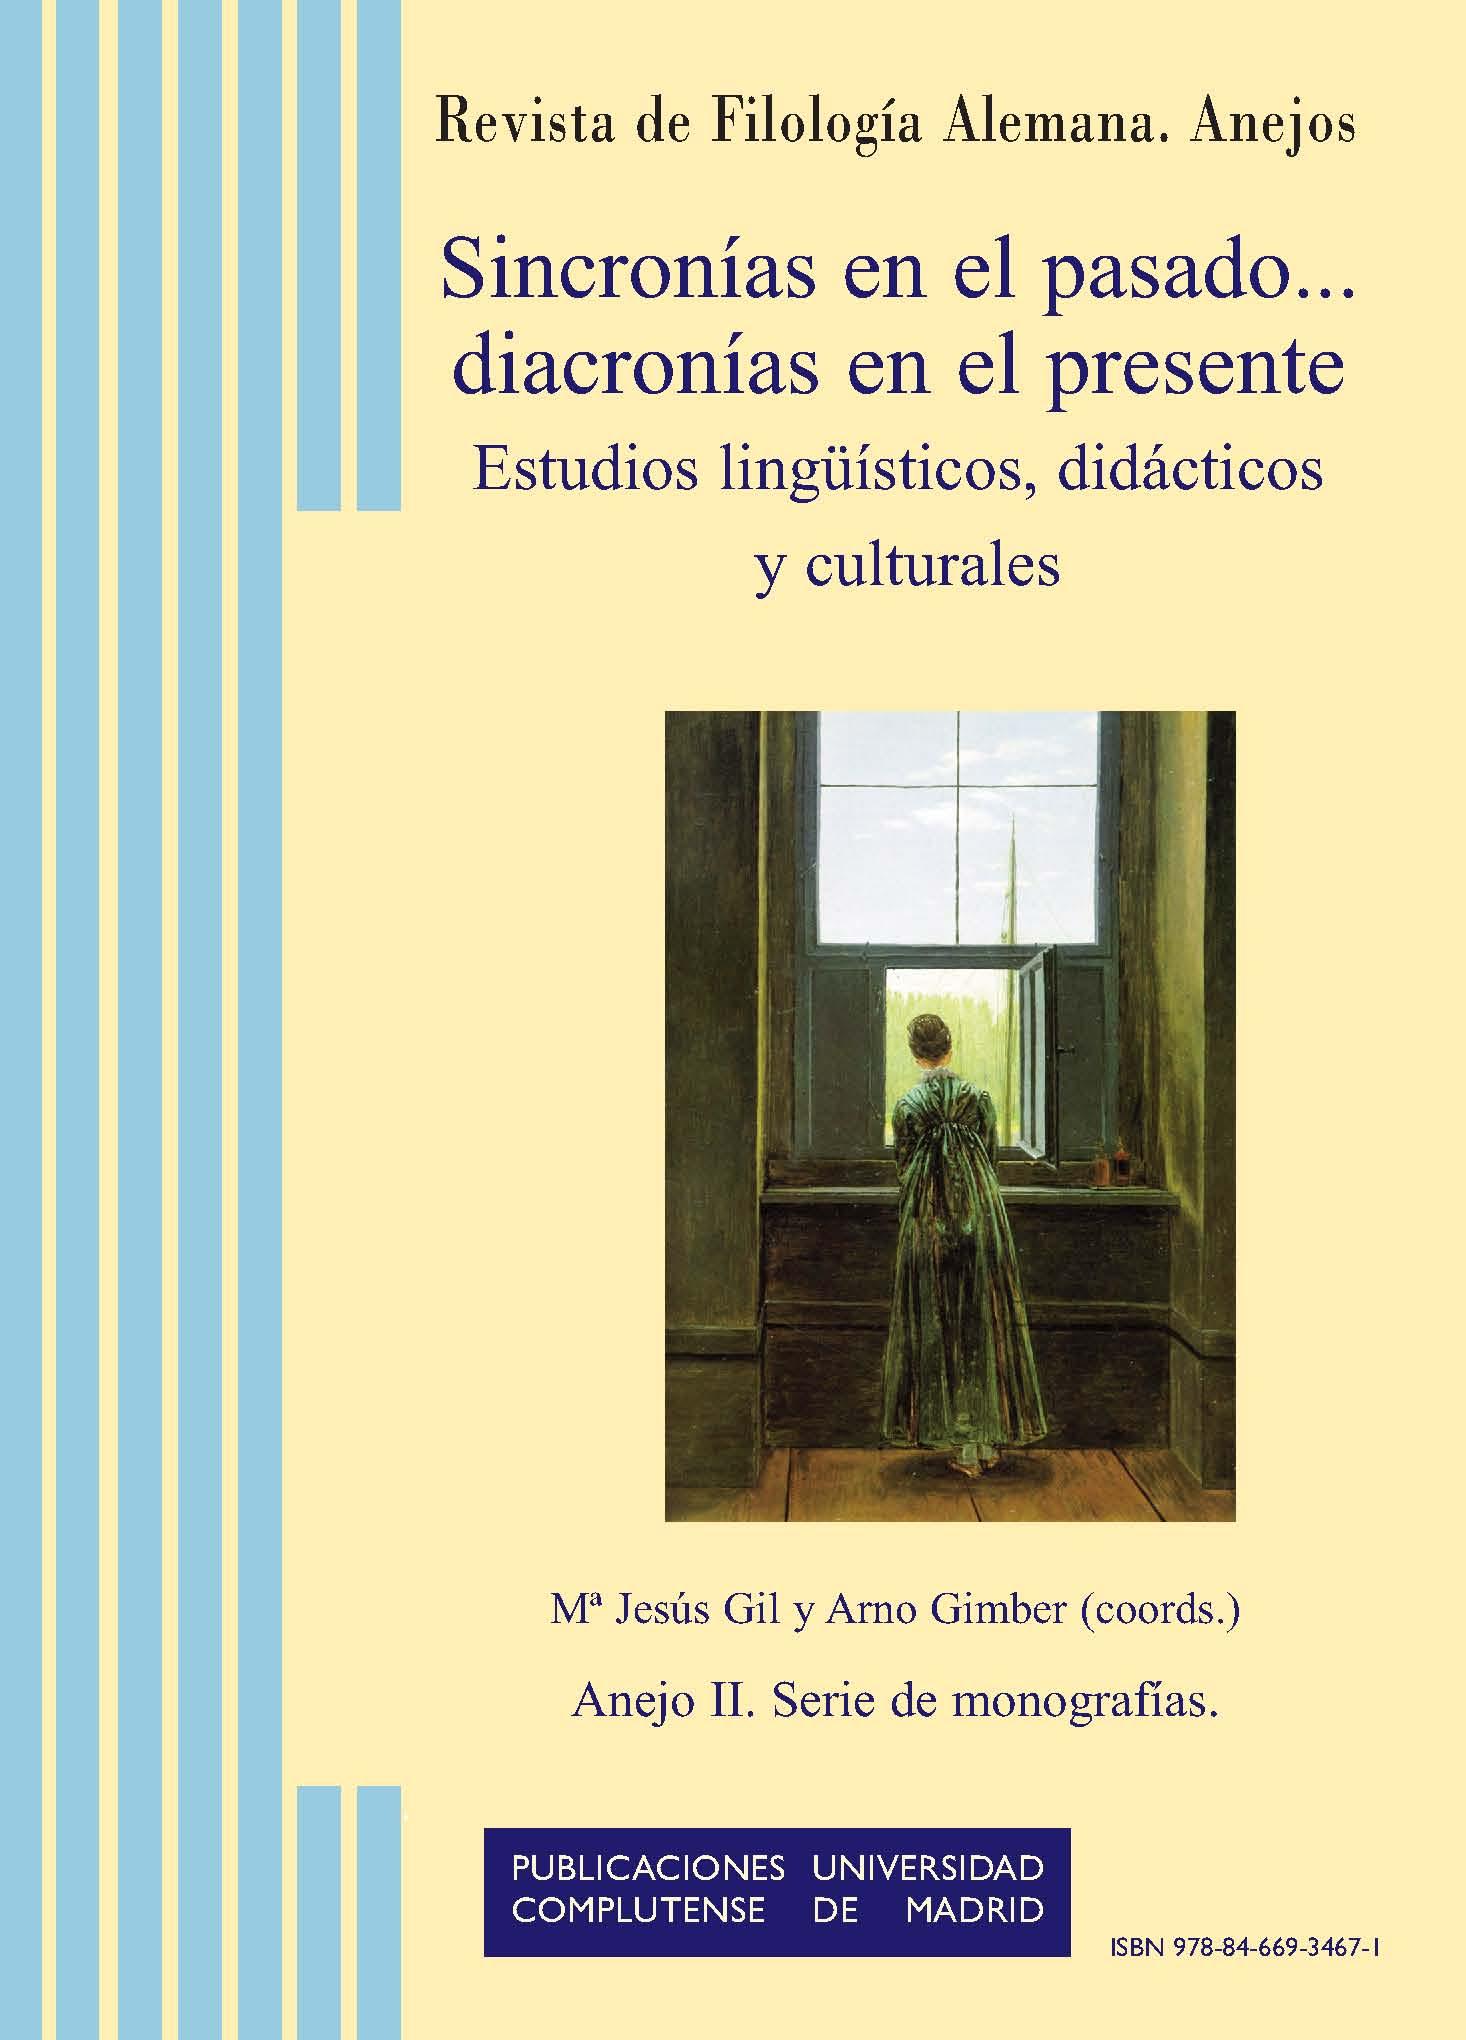 Revista de Filología Alemana. Anejo II. Sincronías en el pasado... diacronías en el presente. Estudios lingüísticos, didácticos y culturales